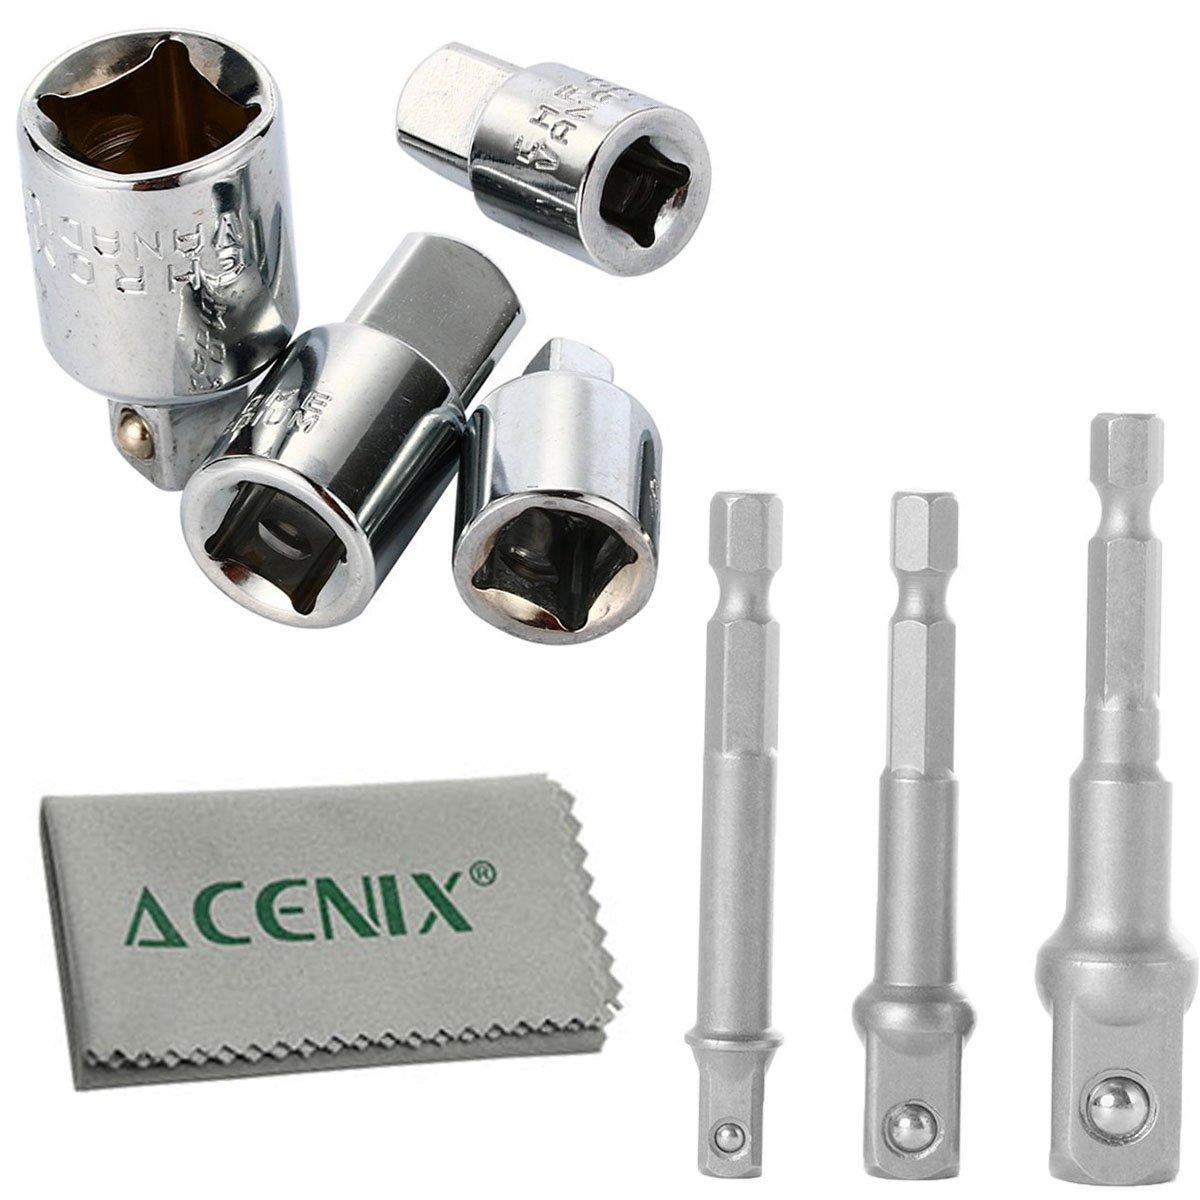 ACENIX® 4Pcs Set para adaptador de vaso conversor y reductor Set y 3pcs extensión Bit para taladro (1/4\', 3/8\', 1/2\'(incluye paño de limpieza [7pcs Kit] 3/8 1/2(incluye paño de limpieza [7pcs Kit]